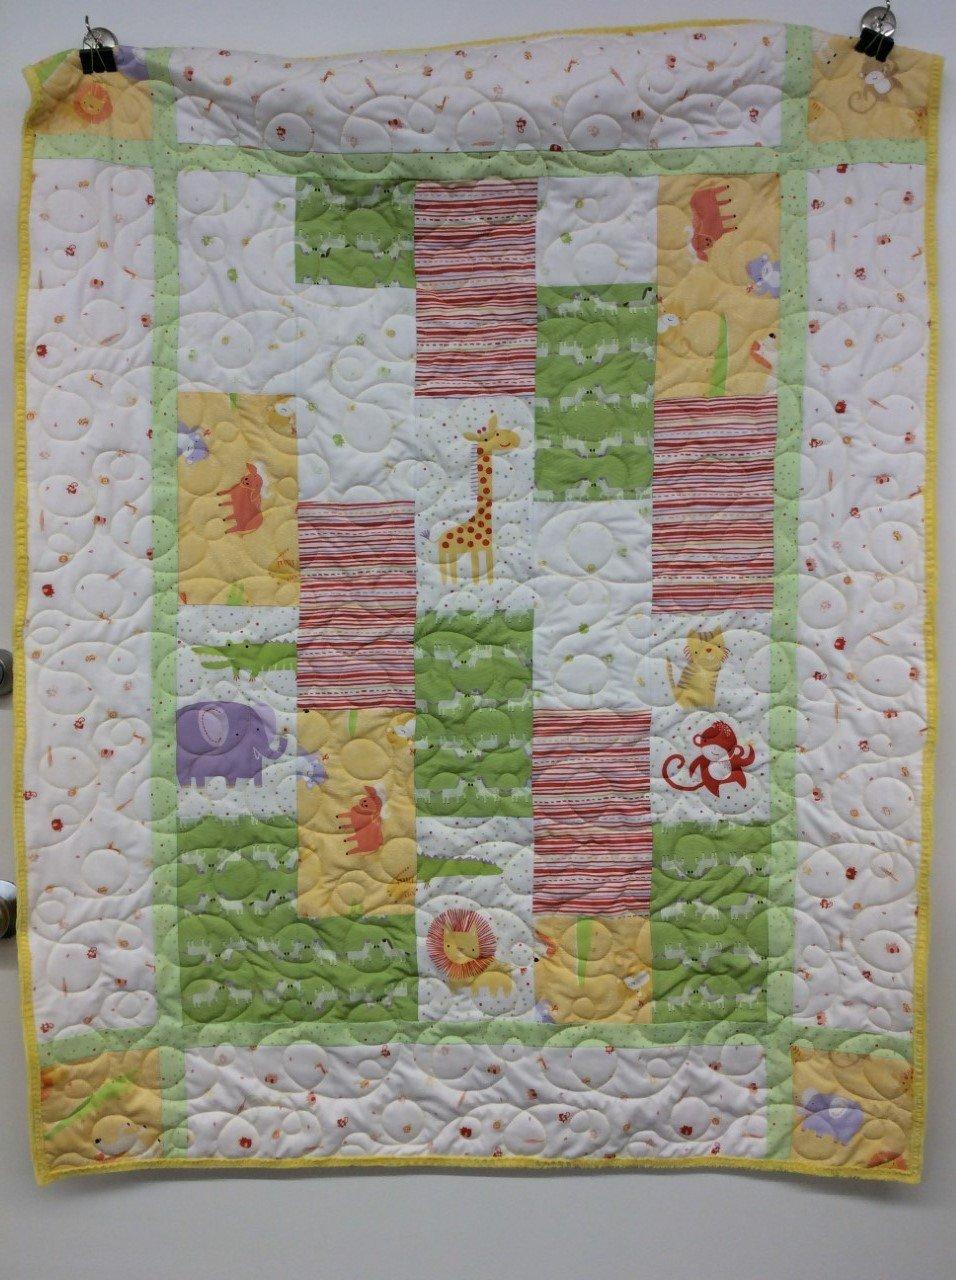 Sweet Safari Baby Quilt Kit - Organic Cotton